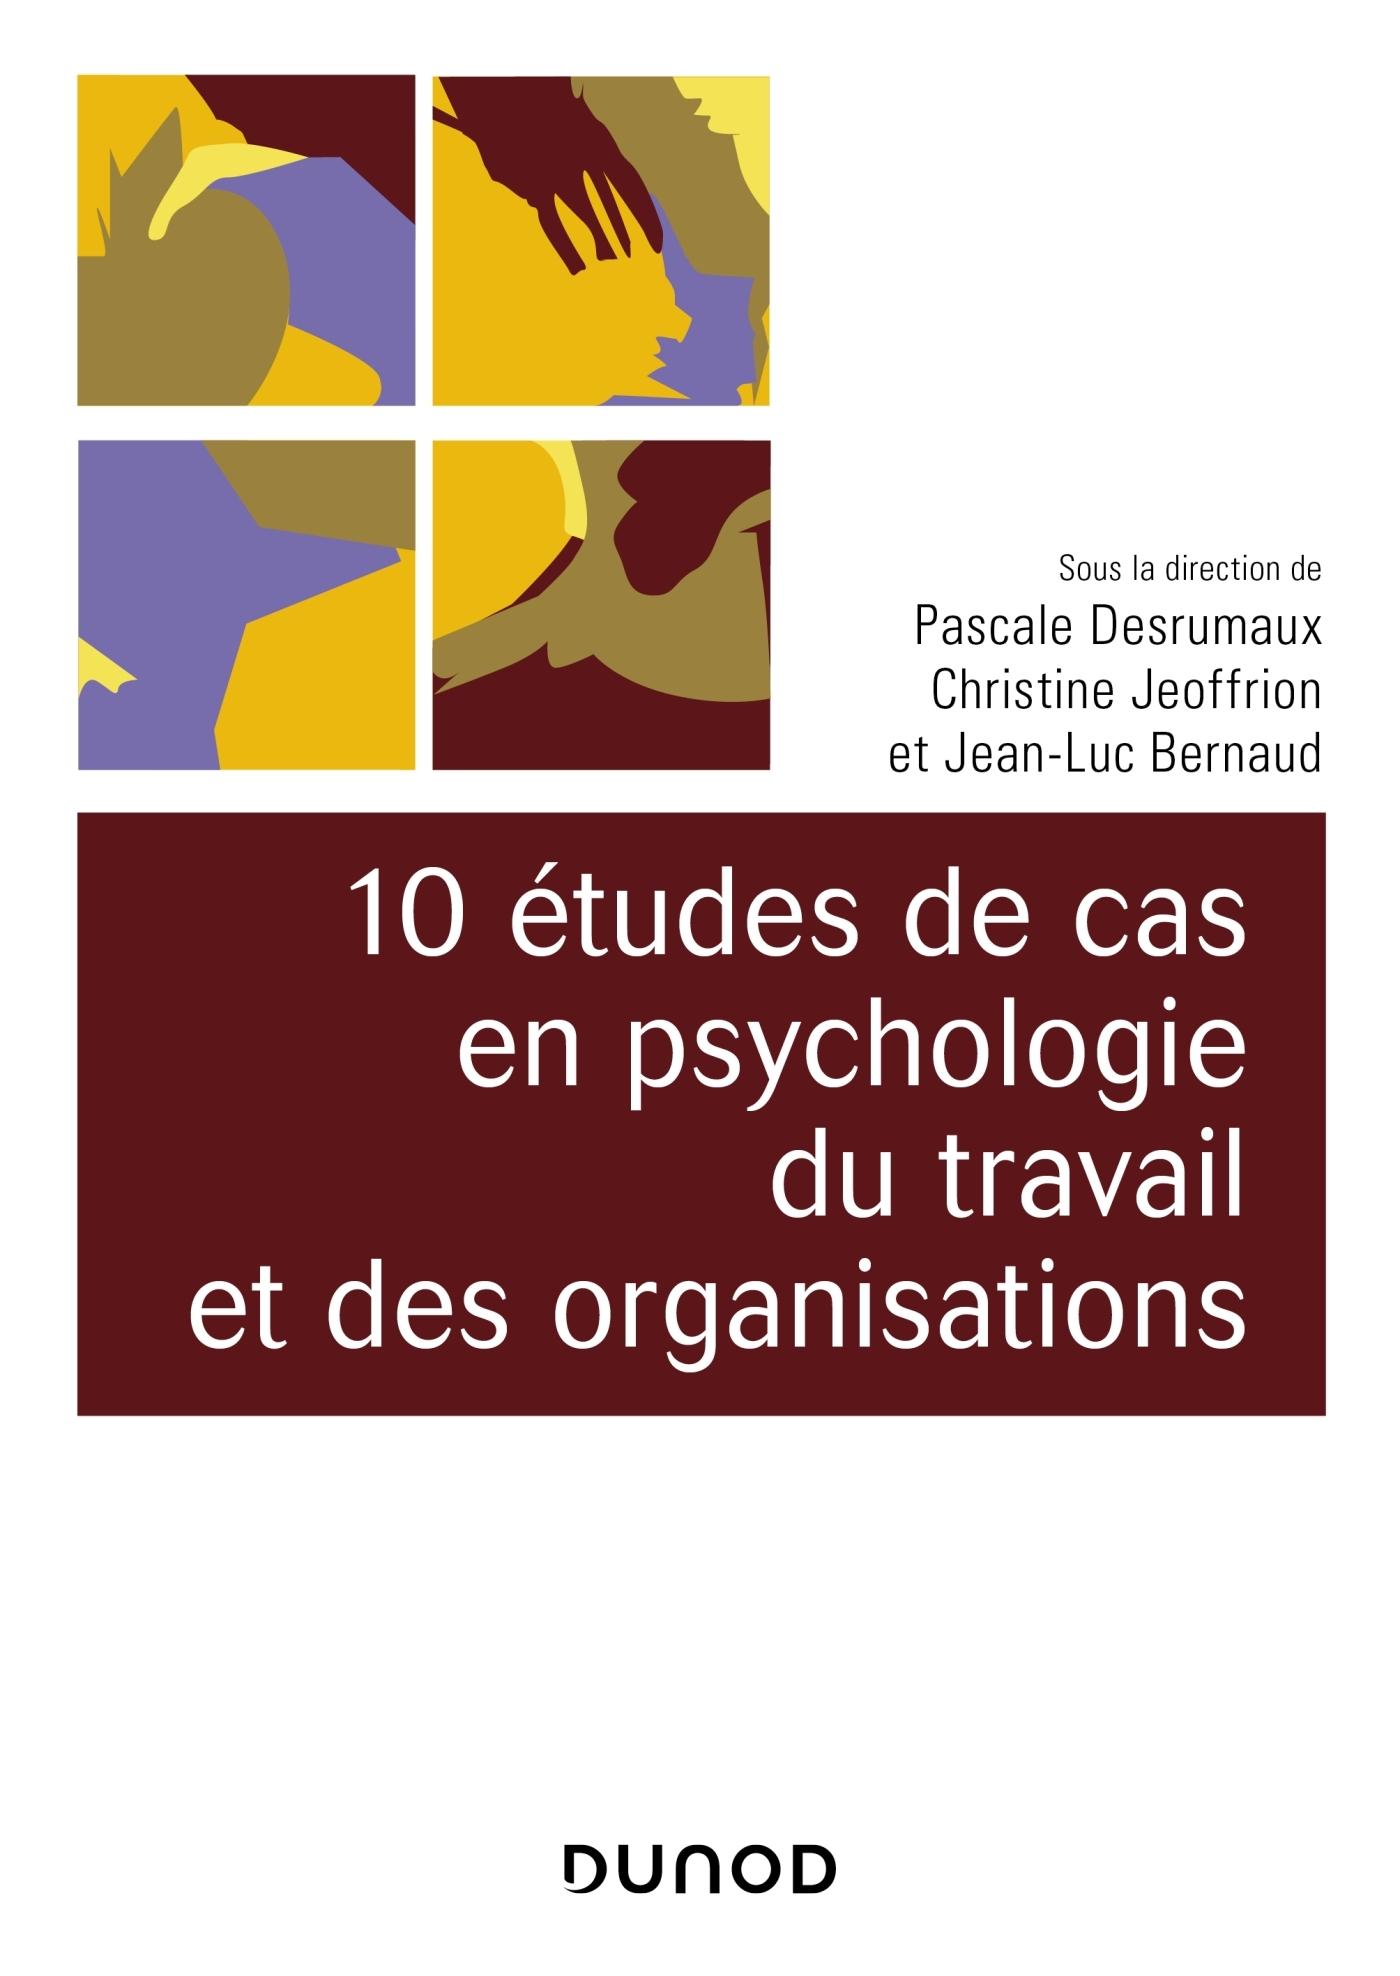 10 ETUDES DE CAS EN PSYCHOLOGIE DU TRAVAIL ET DES ORGANISATIONS